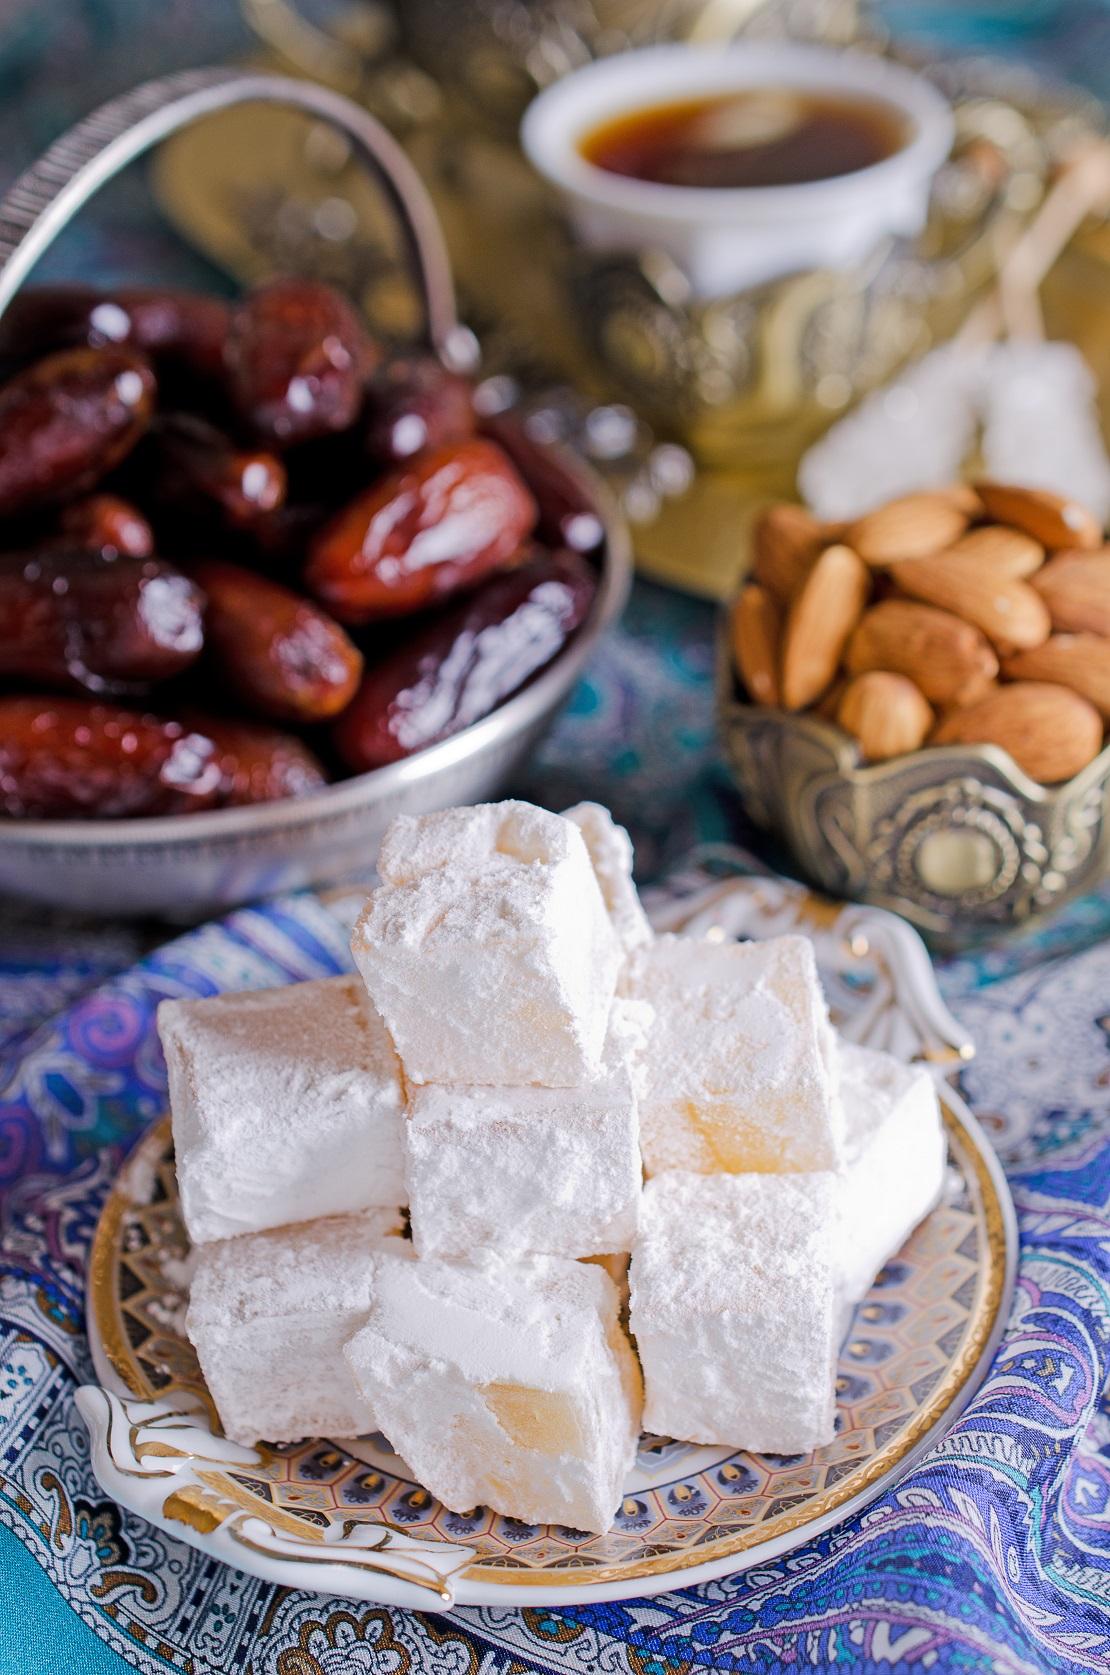 westwing-herbata-w-marokanskim-stylu-6